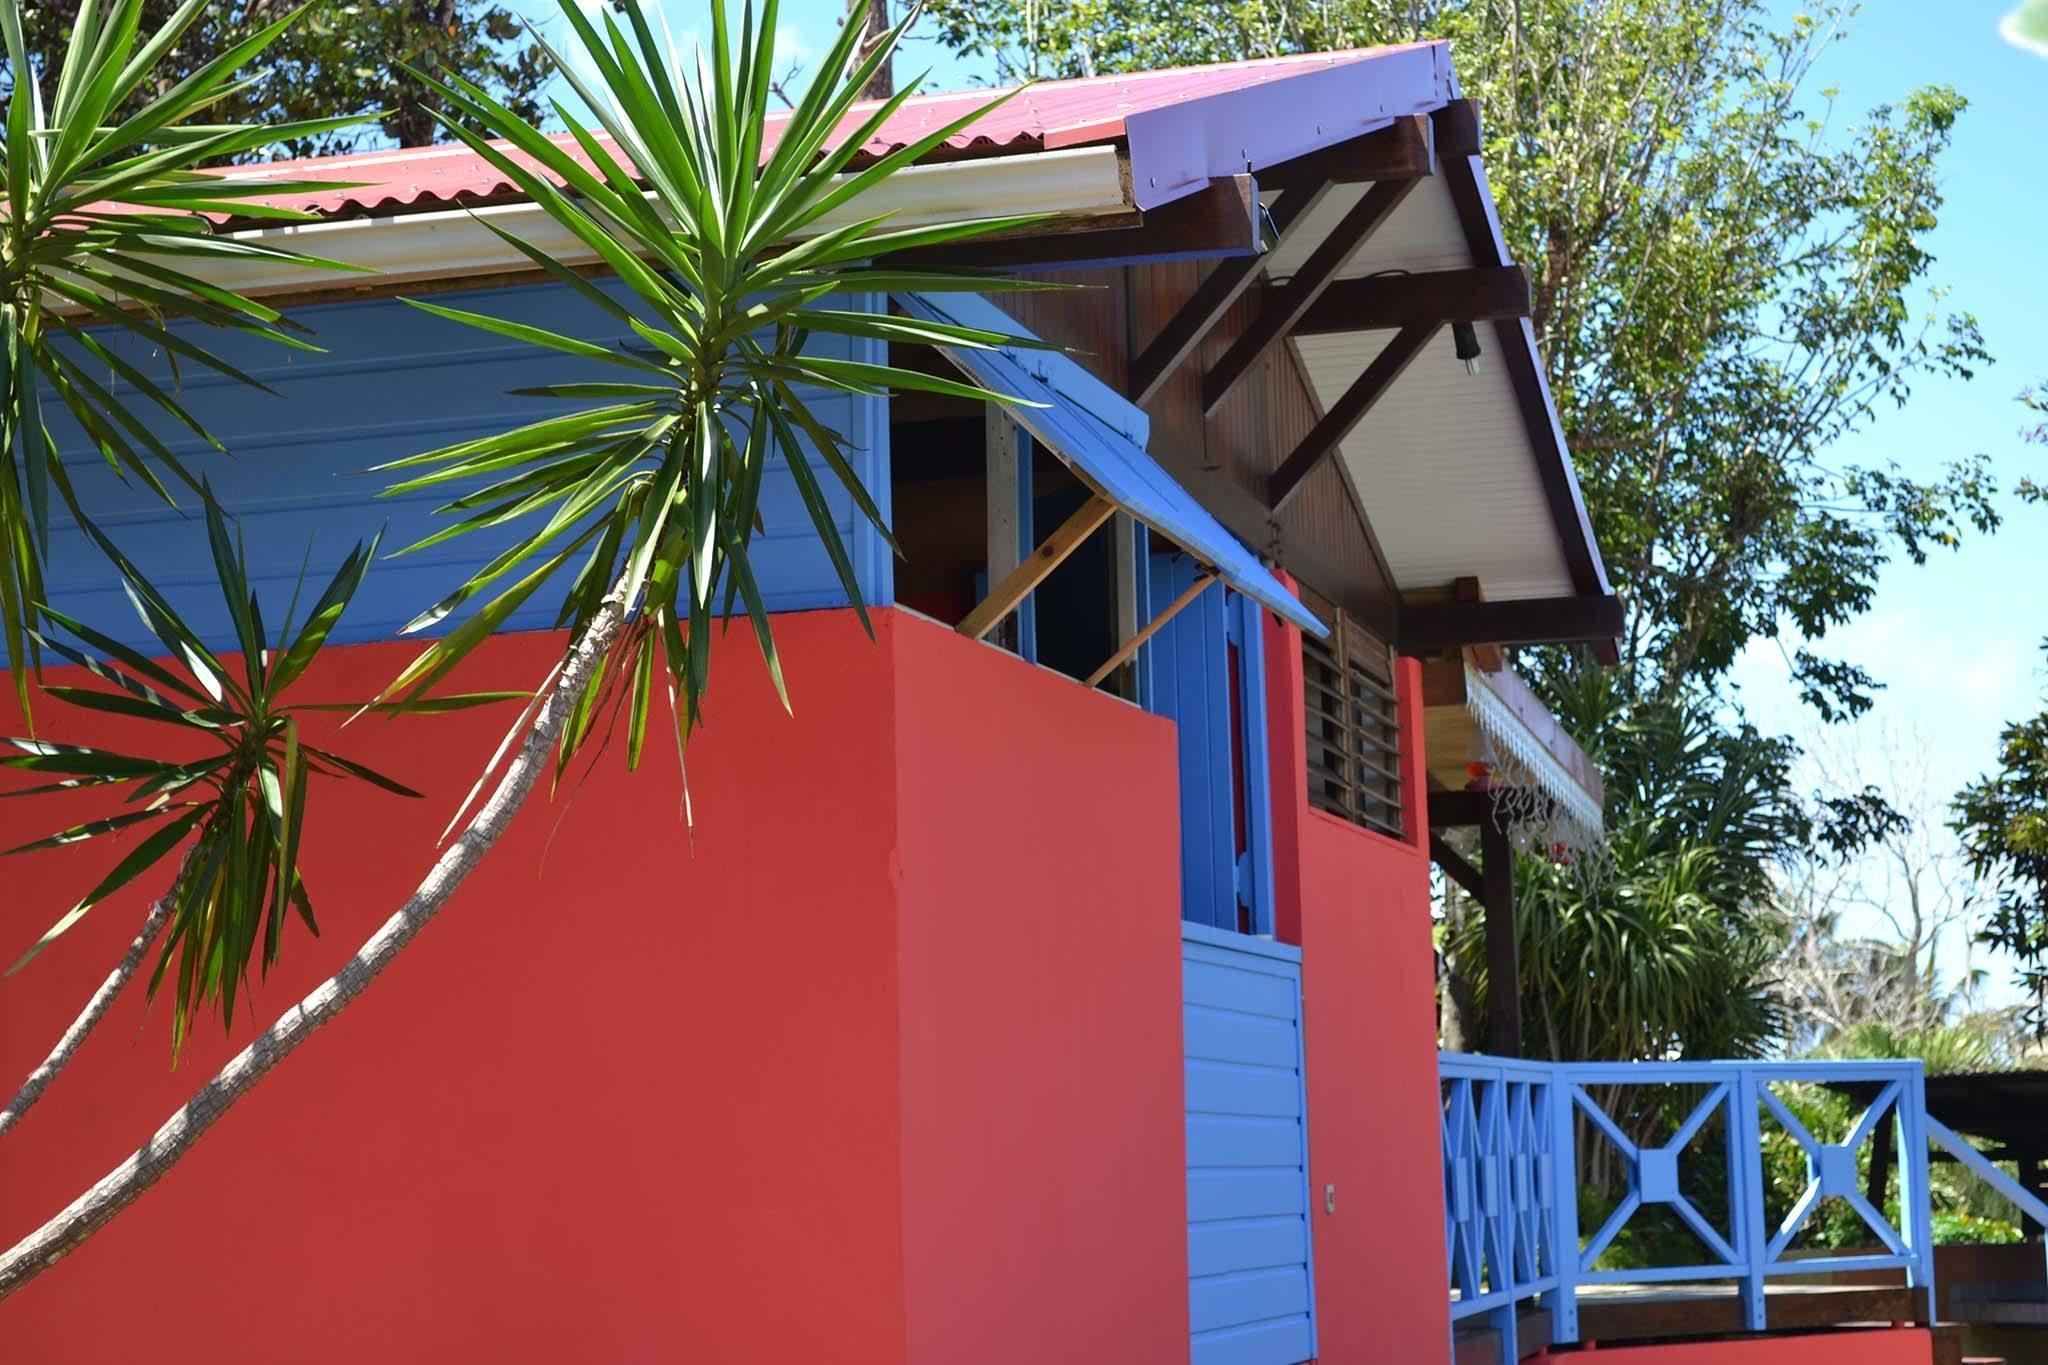 location-bungalow-guadeloupe-case-creole-vue-exterieur